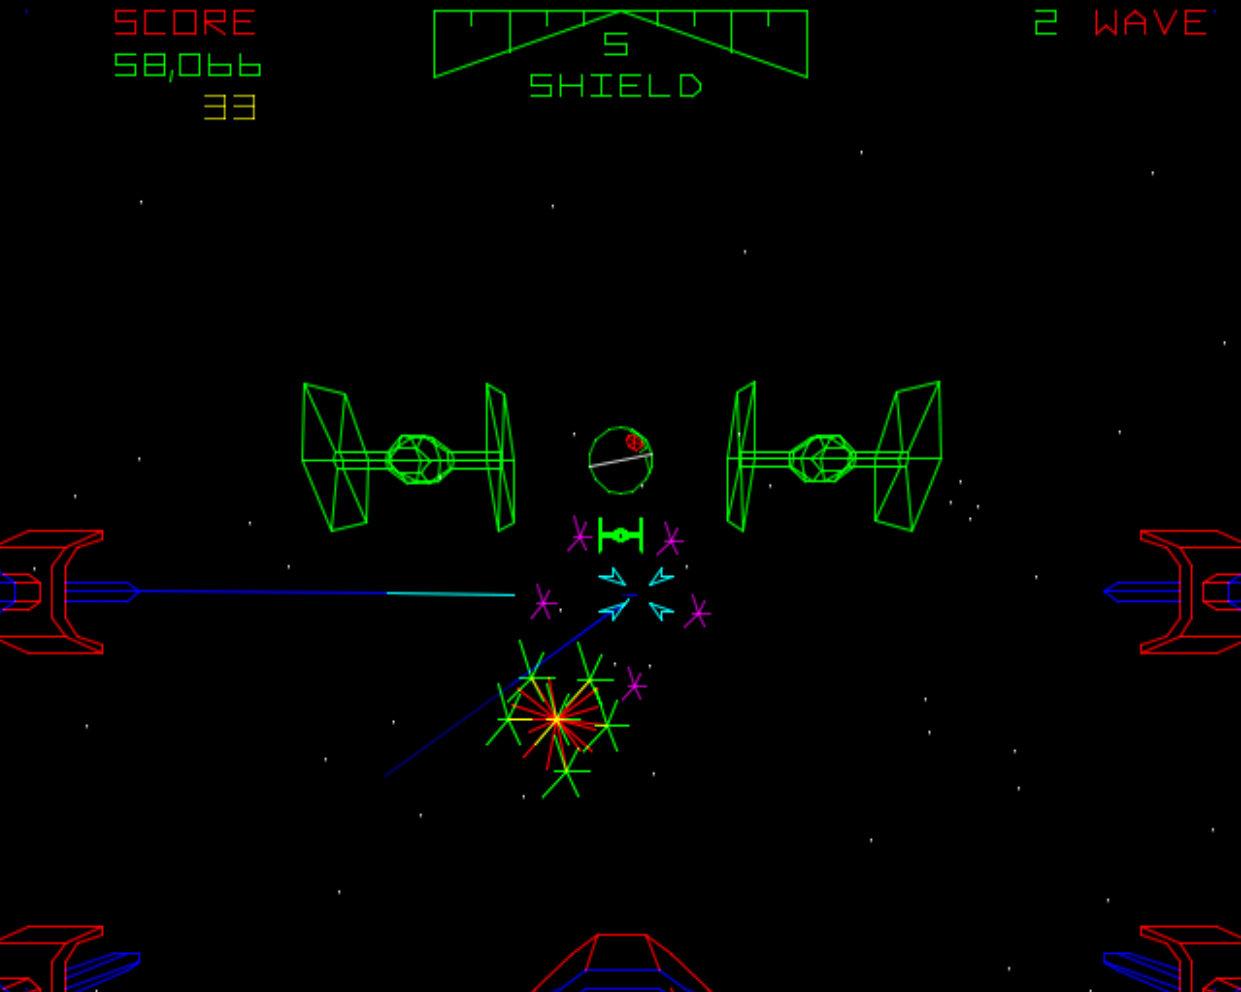 Star Wars von Atari. Lass Dich niemals zu einem Spiel einladen! (Bild: Atari)